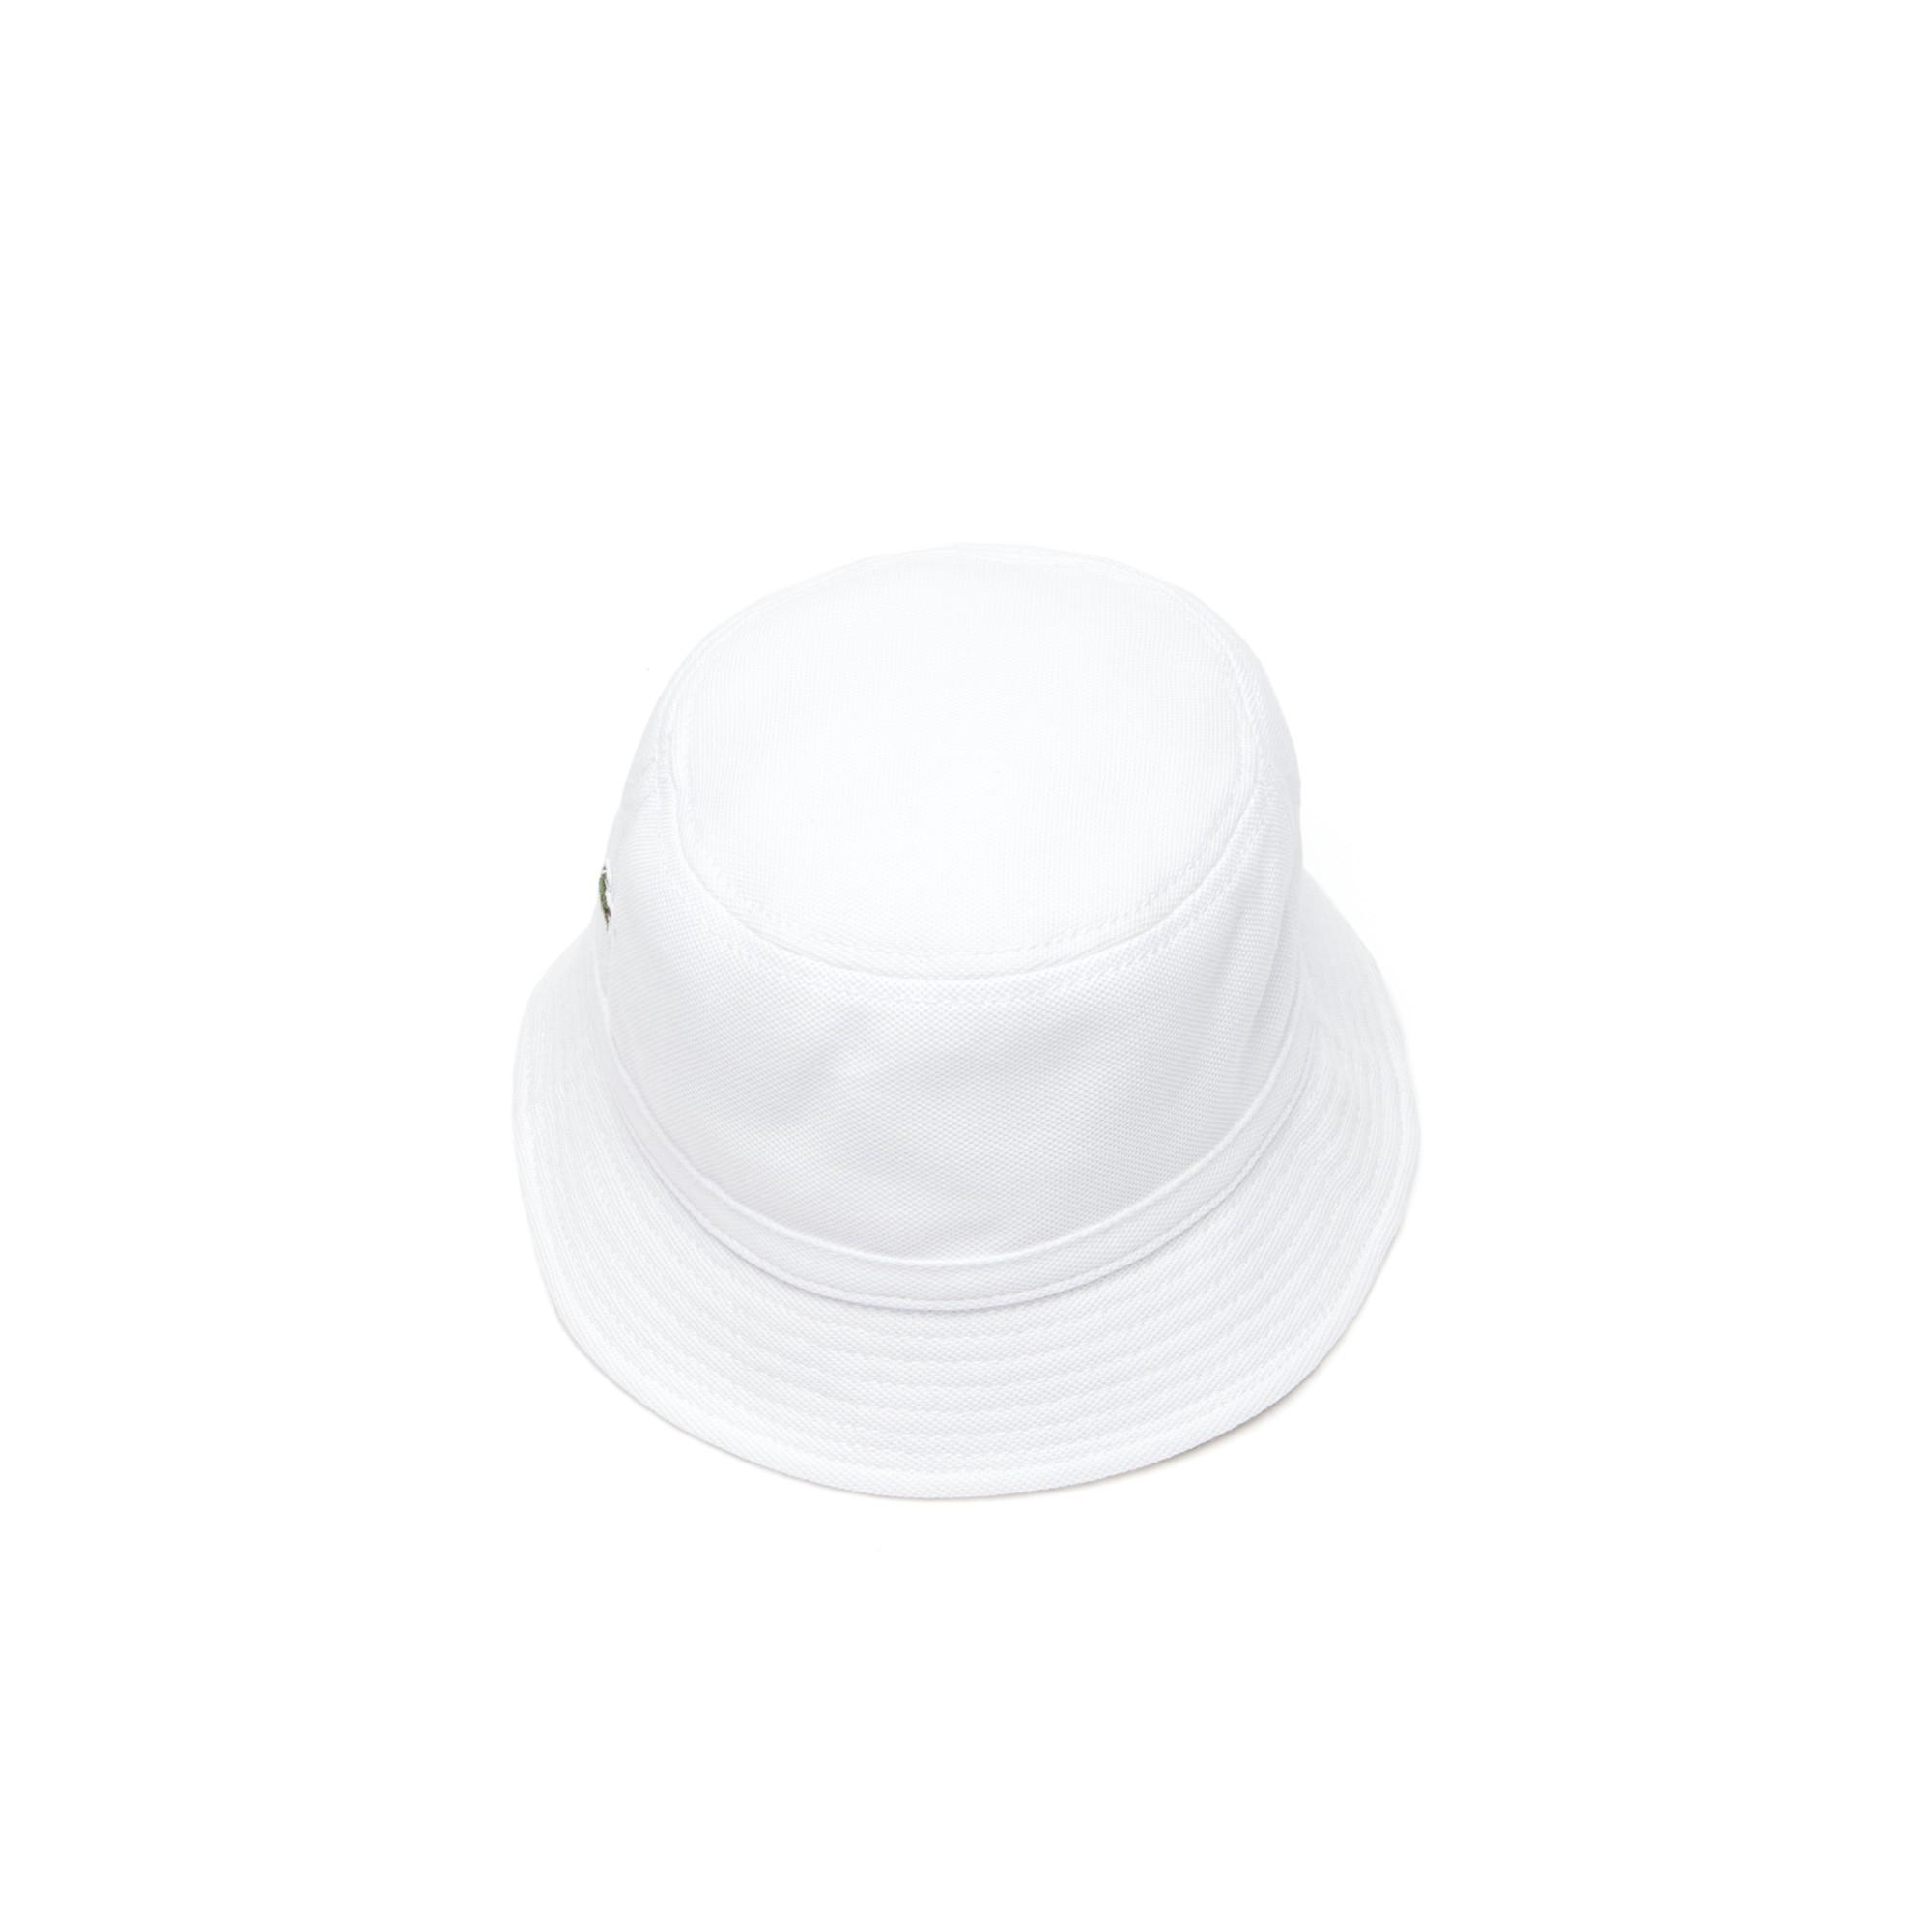 50810182 Lacoste Men's Cotton Piqué Bucket Hat - M | Products | Lacoste men ...